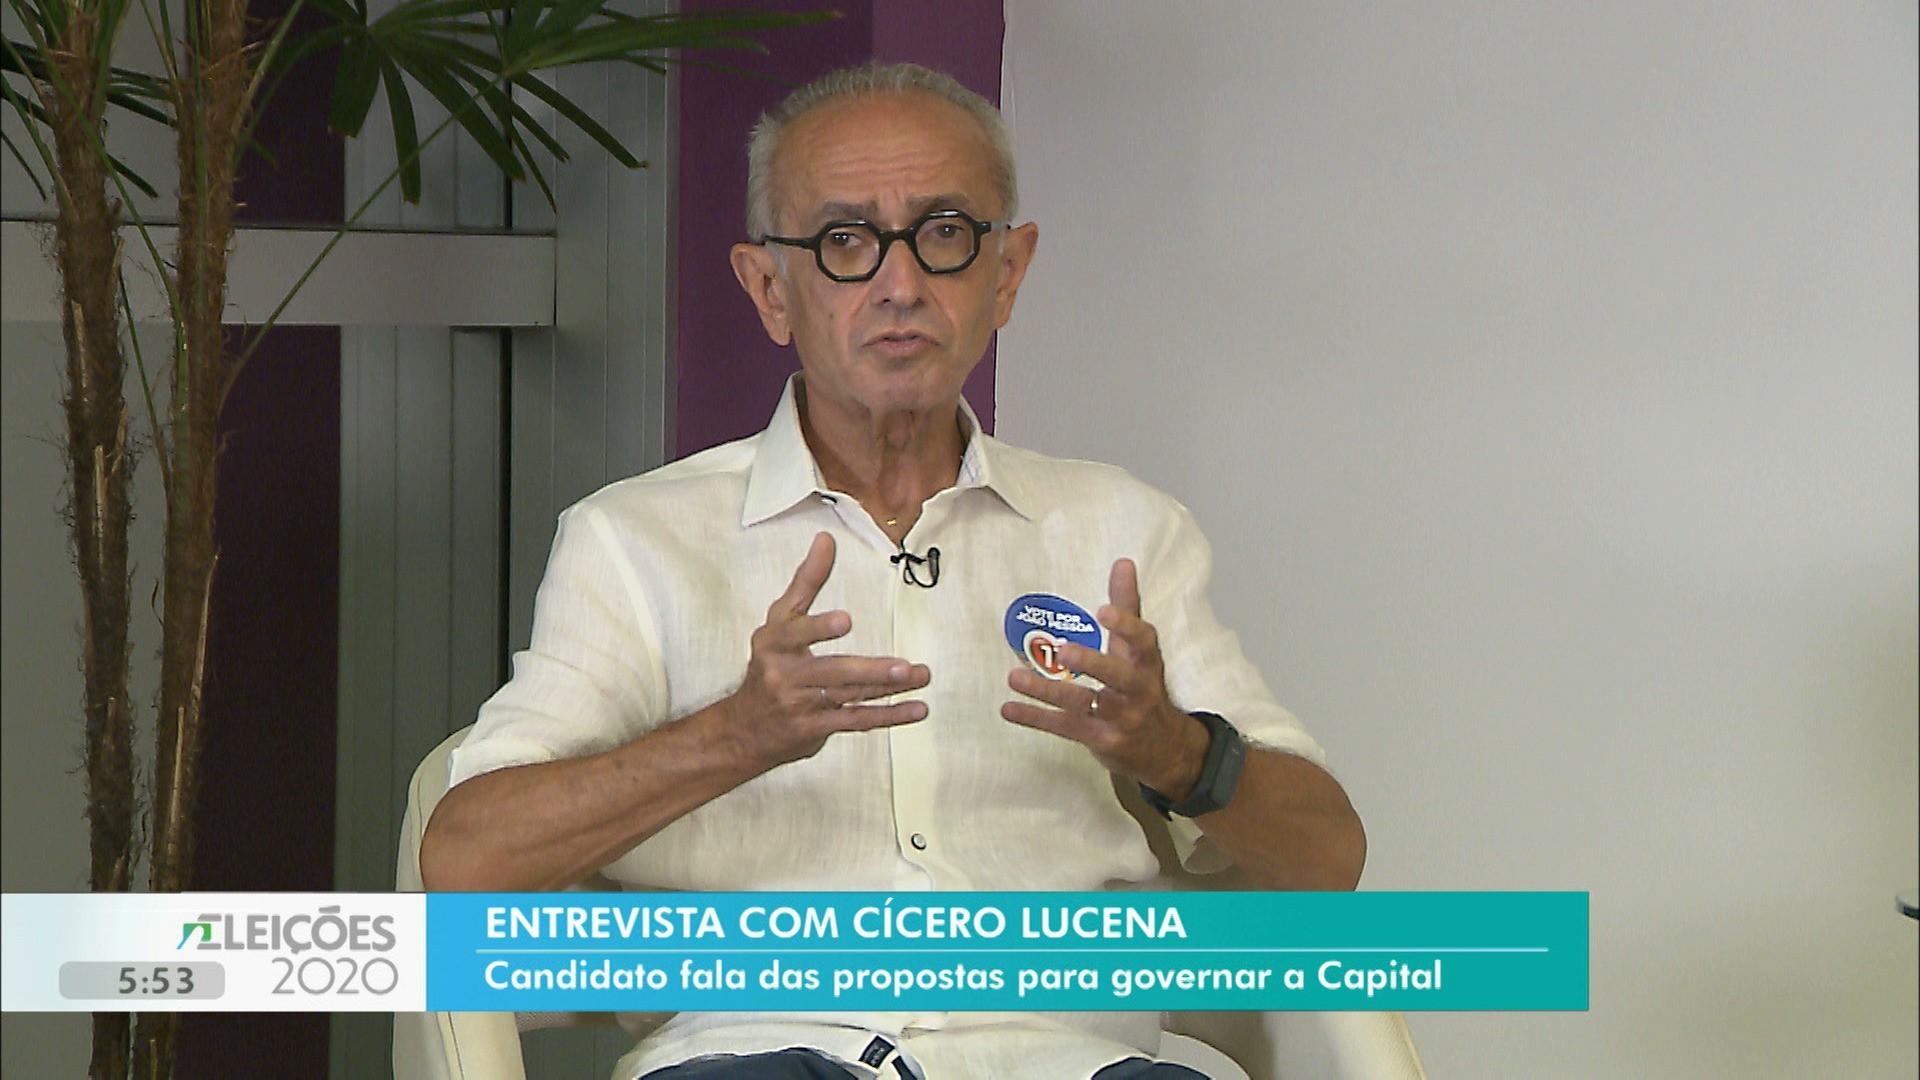 VÍDEOS: JPB2 (TV Cabo Branco) desta segunda-feira, 23 de novembro